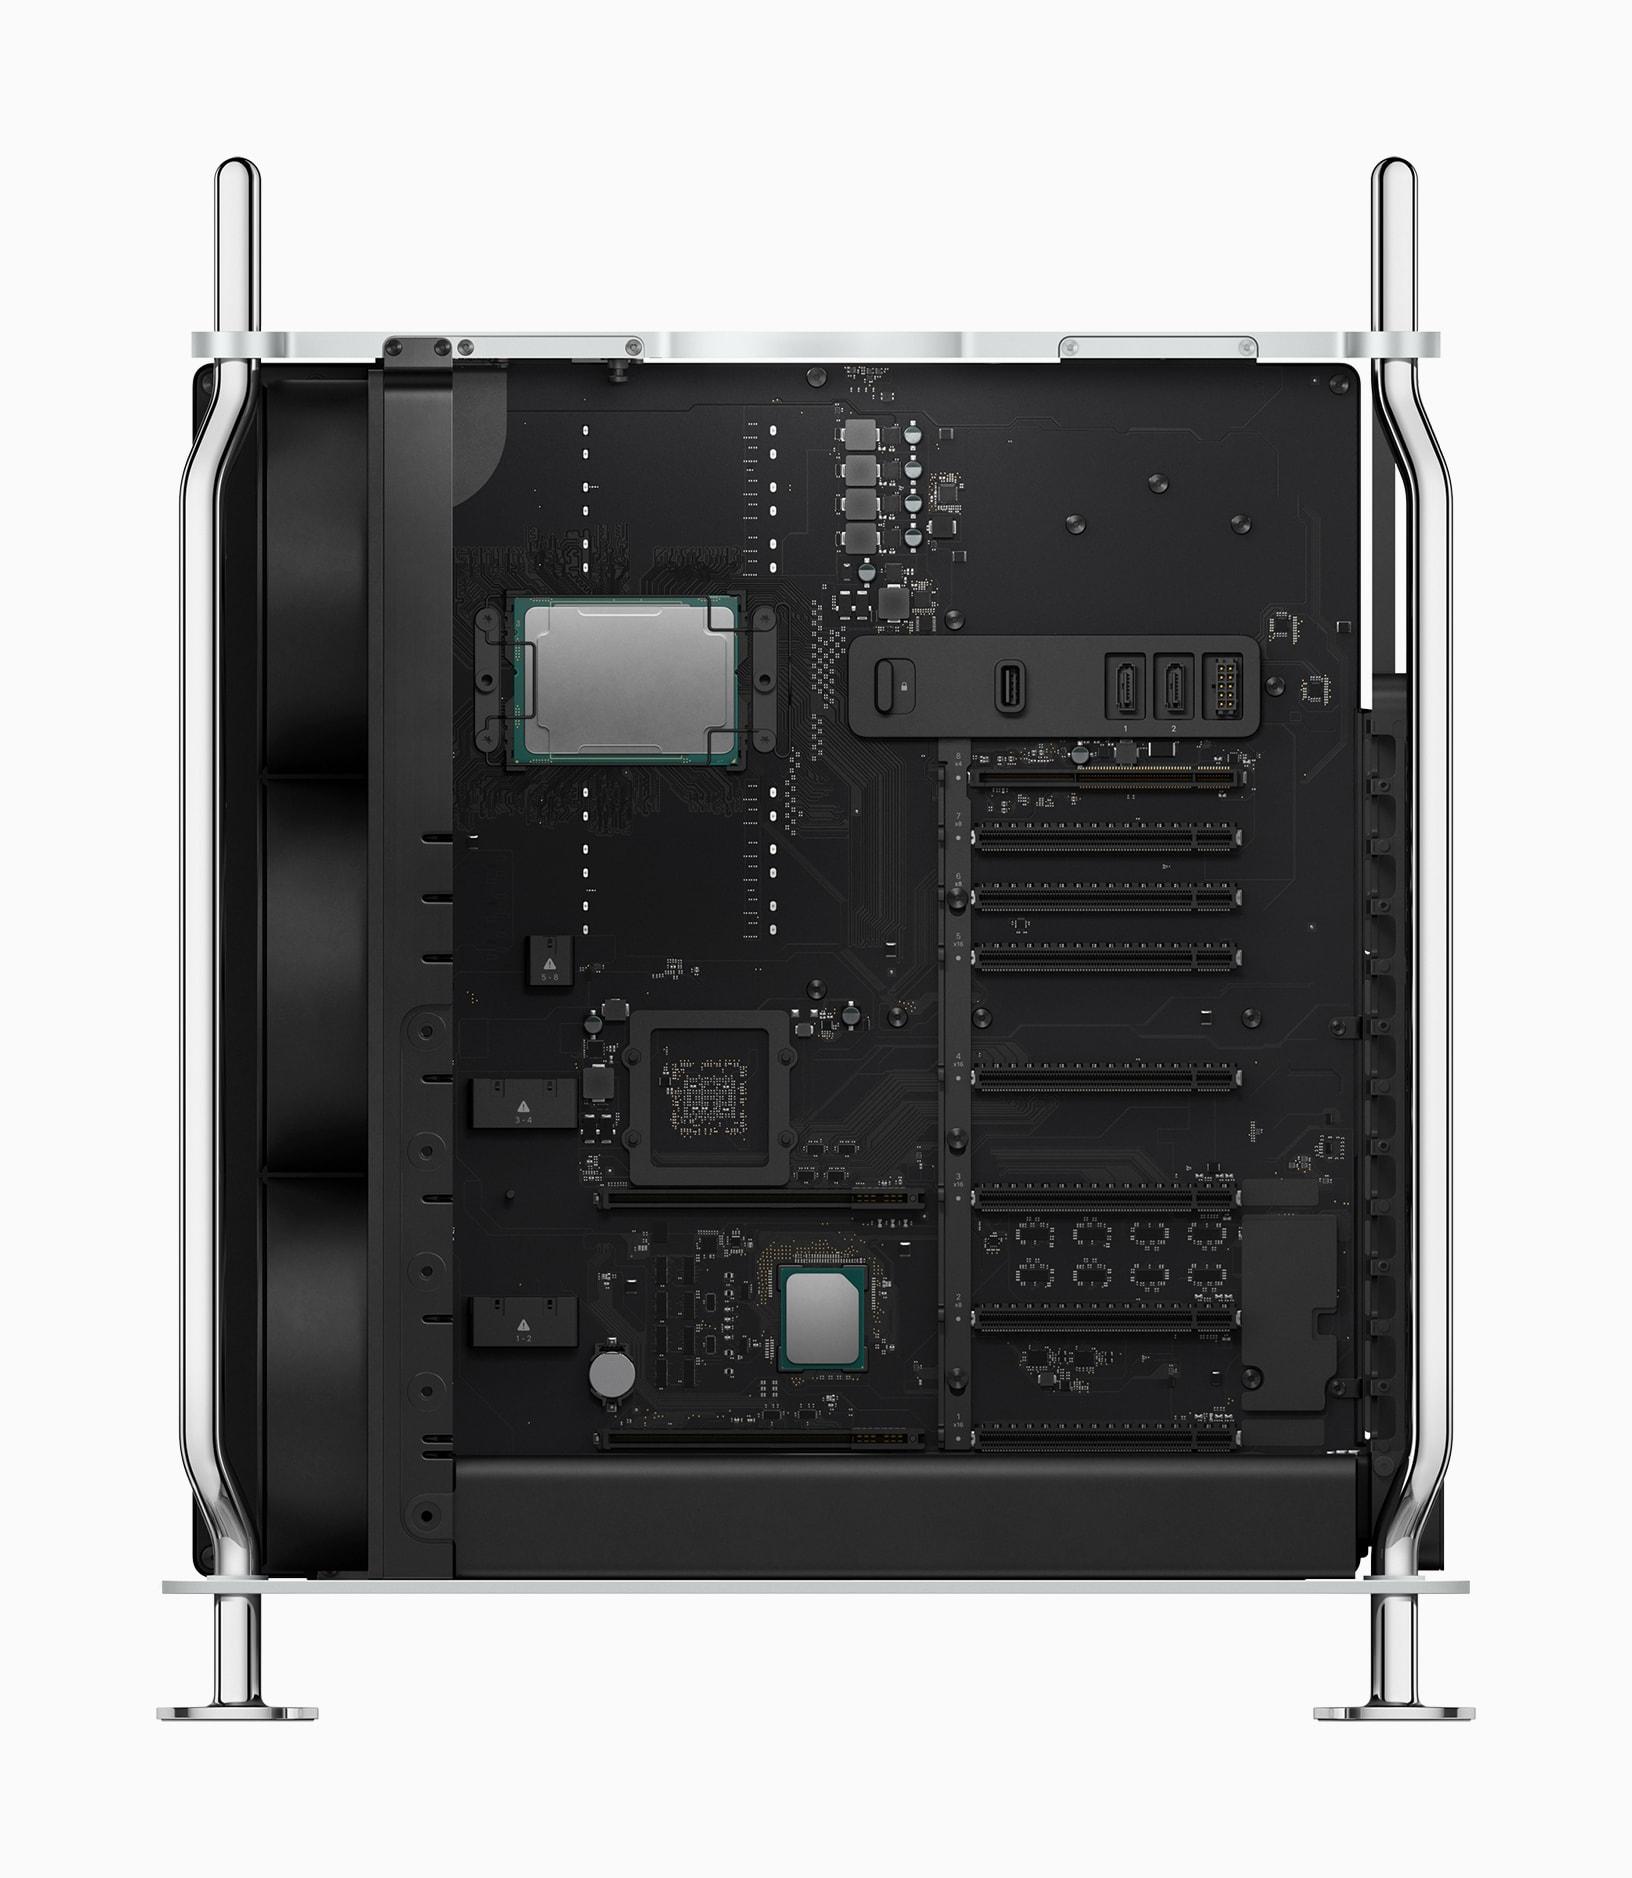 New Mac Pro Inside